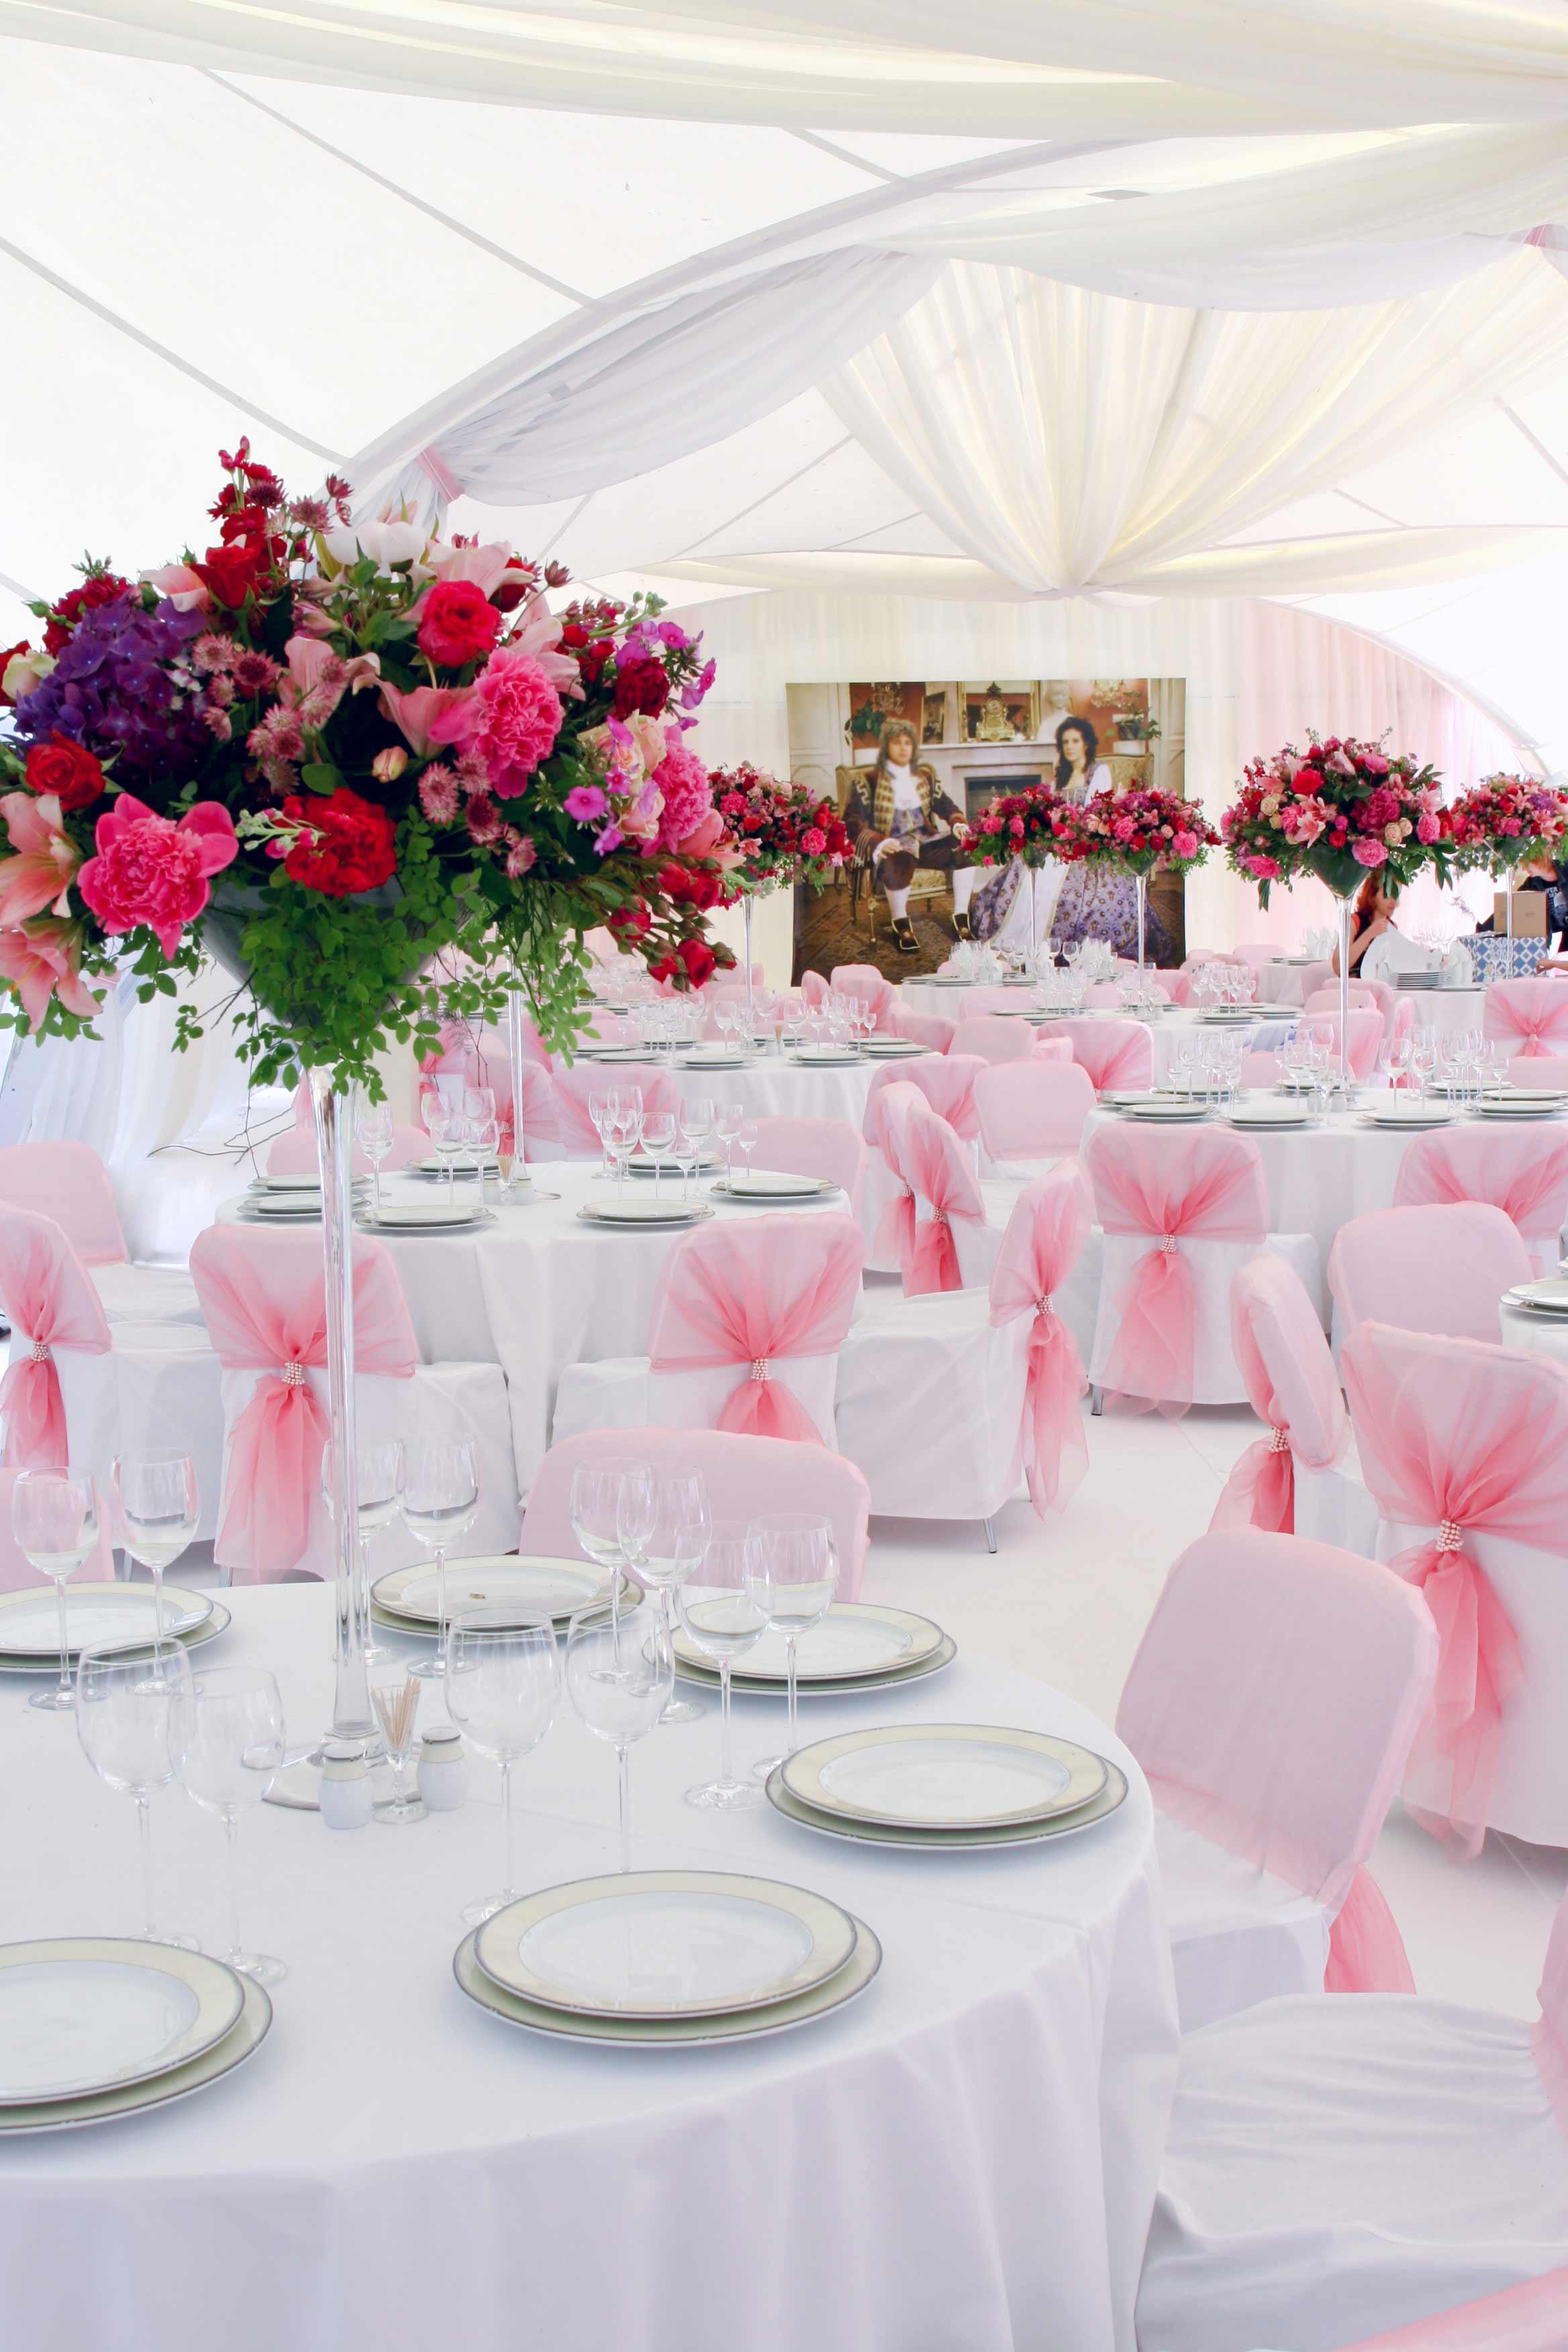 Tischdeko Hochzeit Runde Tische  Tischdeko Hochzeit runde Tische Bildergalerie